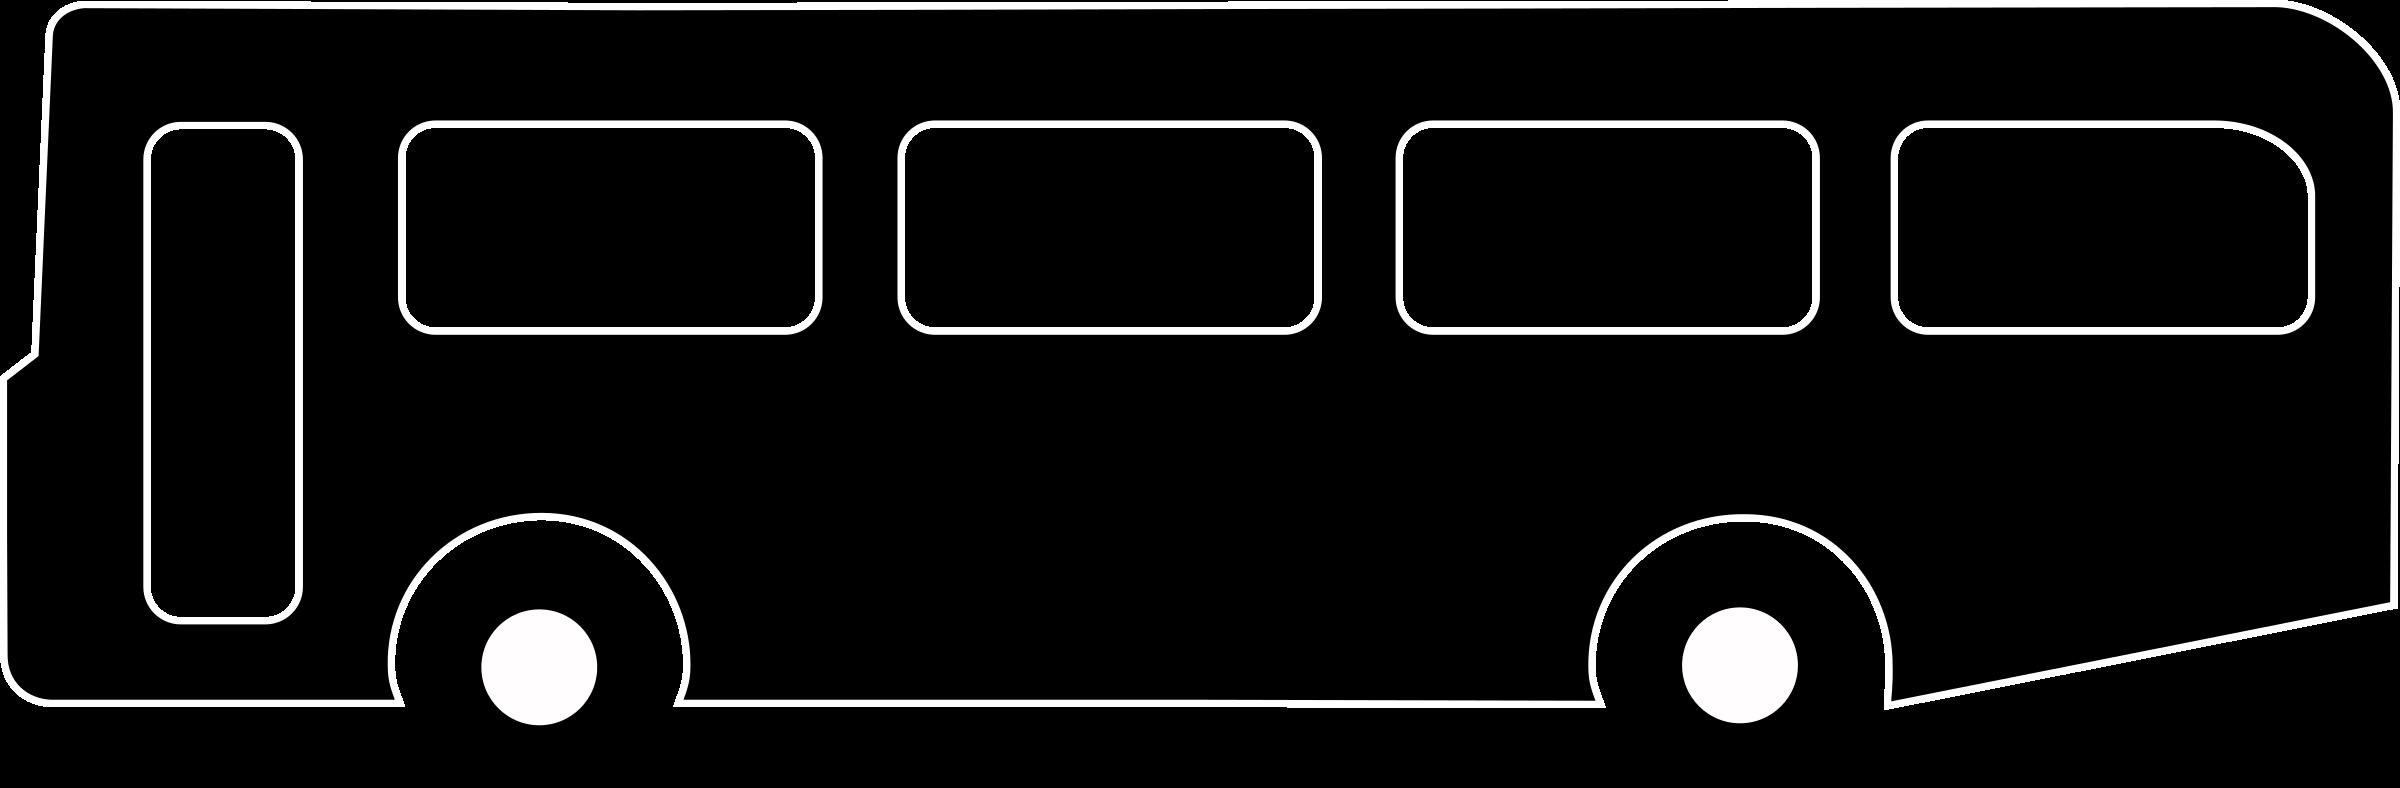 Transparent bus clipart png download Bus Png Black & Free Bus Black.png Transparent Images #4416 ... png download